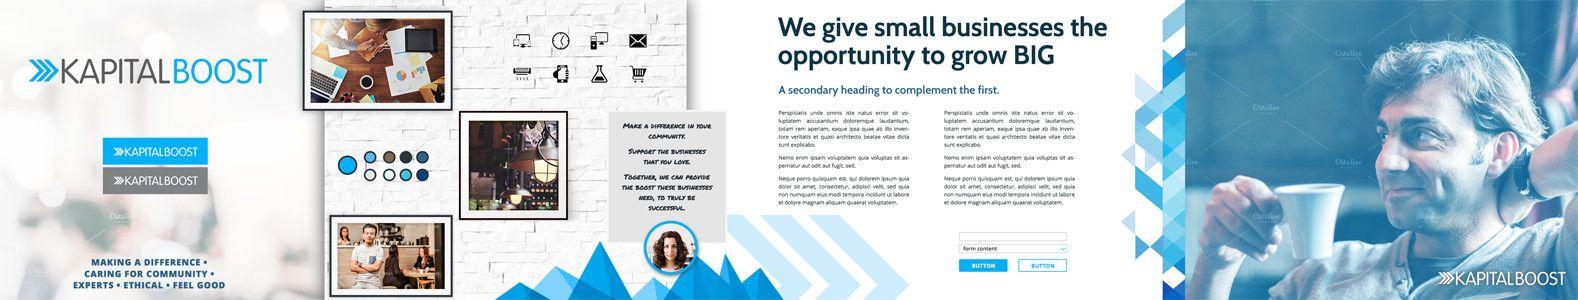 Stylescape Graphic Design: Branding, Design, Small Business